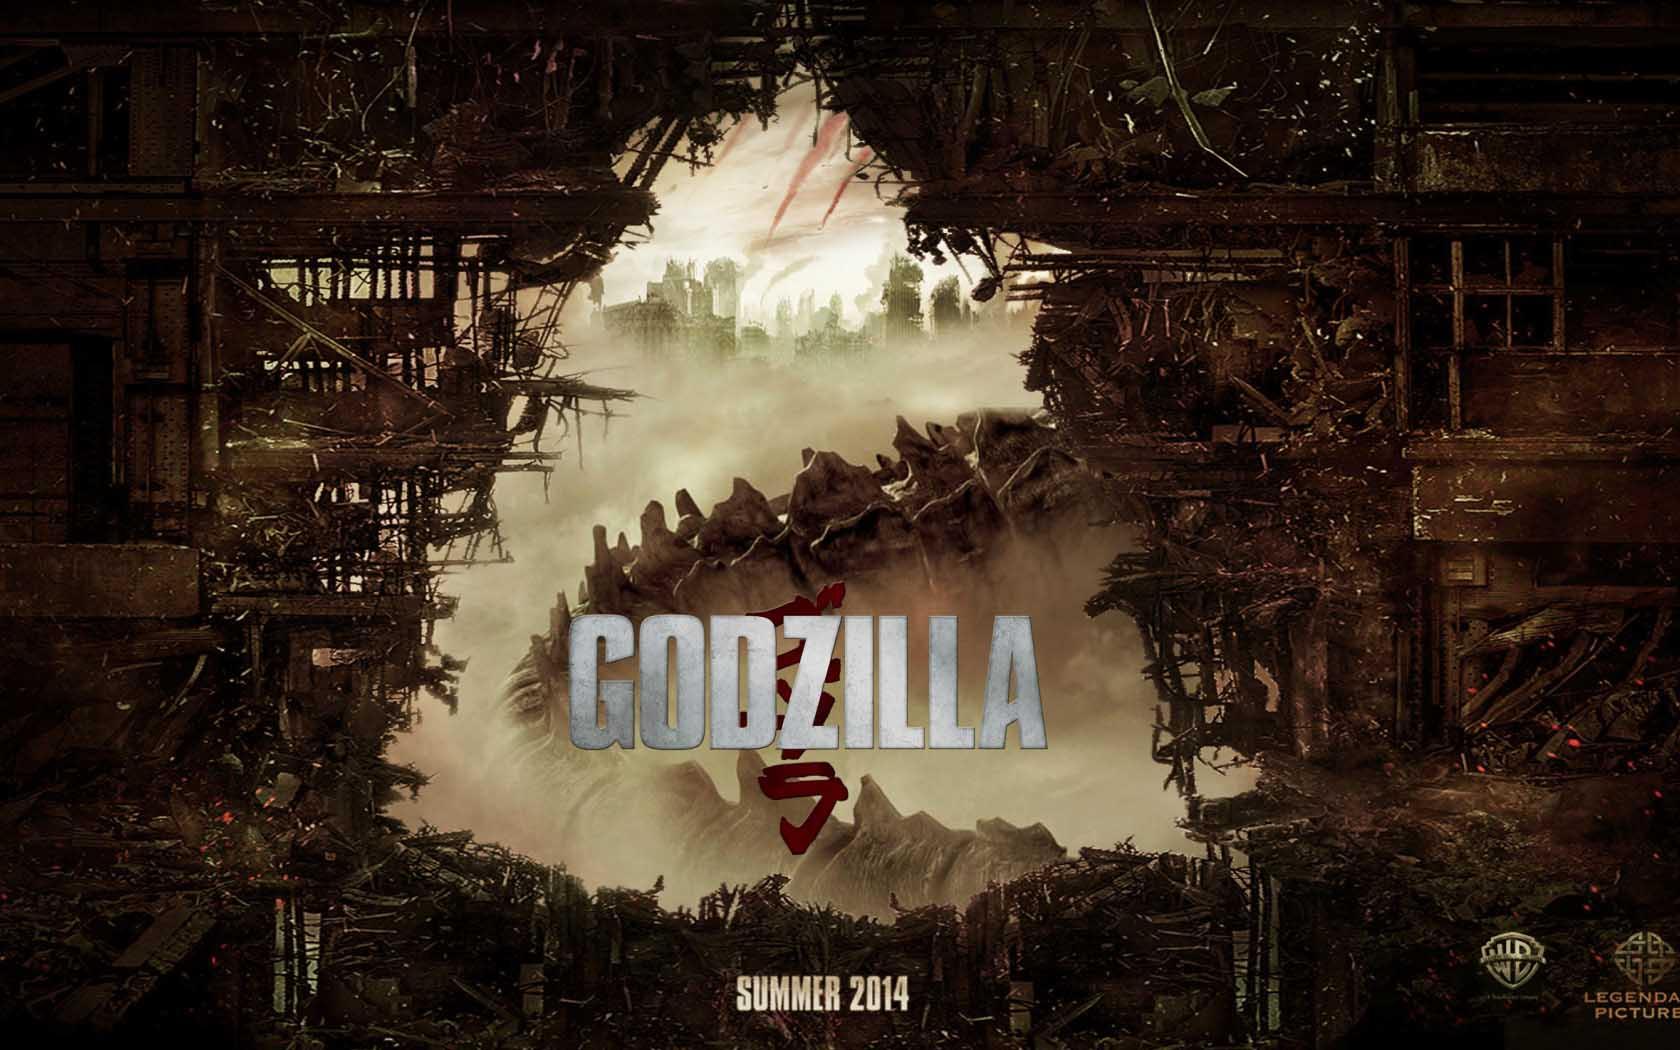 Godzilla monstruosamente con ms pena que gloria 1680x1050